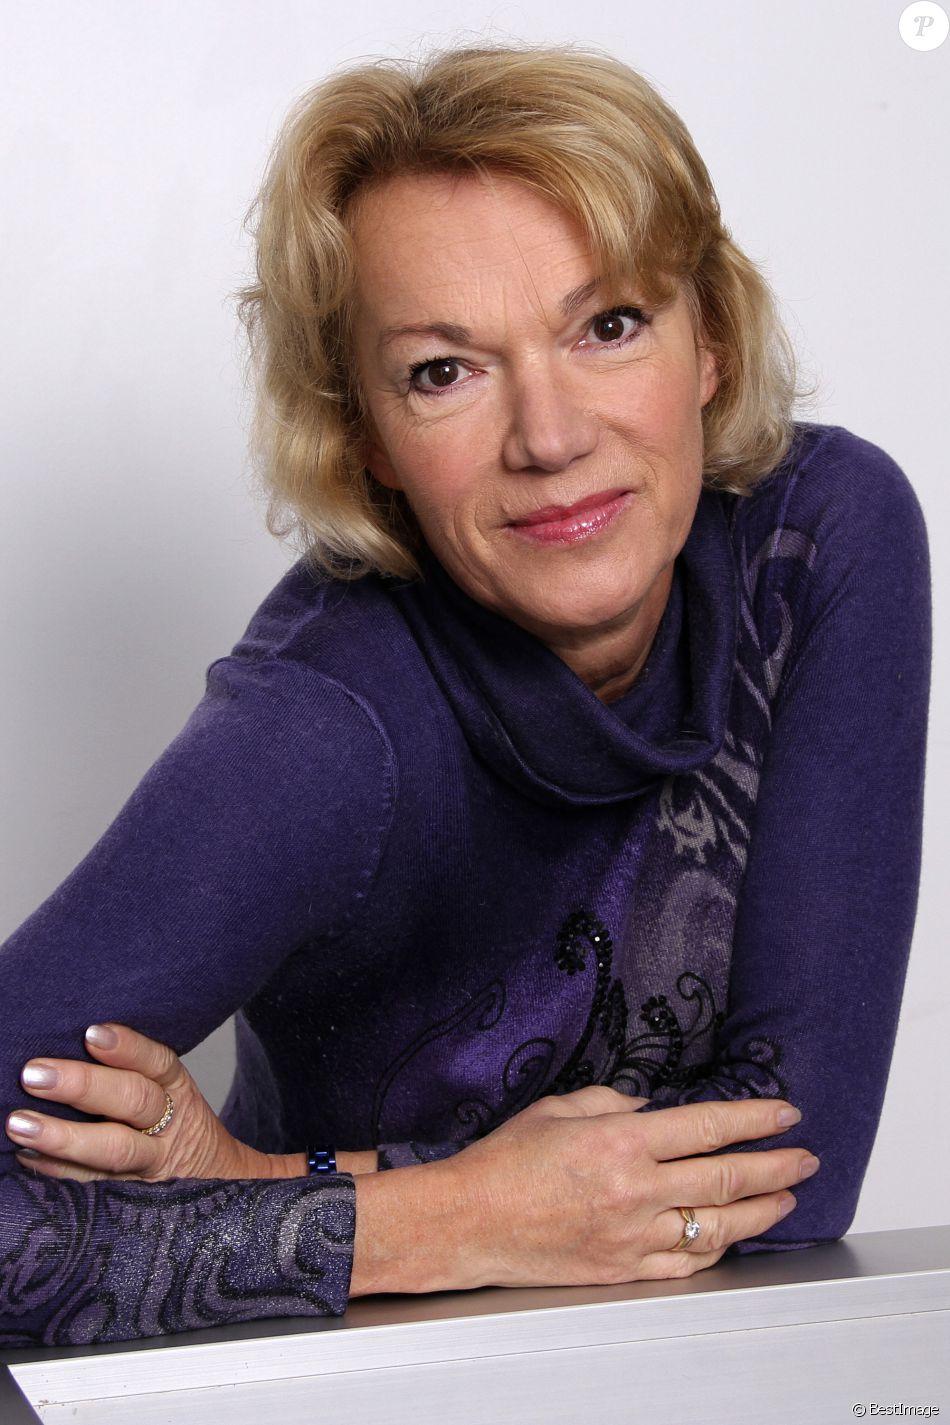 Brigitte Lahaie, portrait, le 14 novembre 2013 à Paris